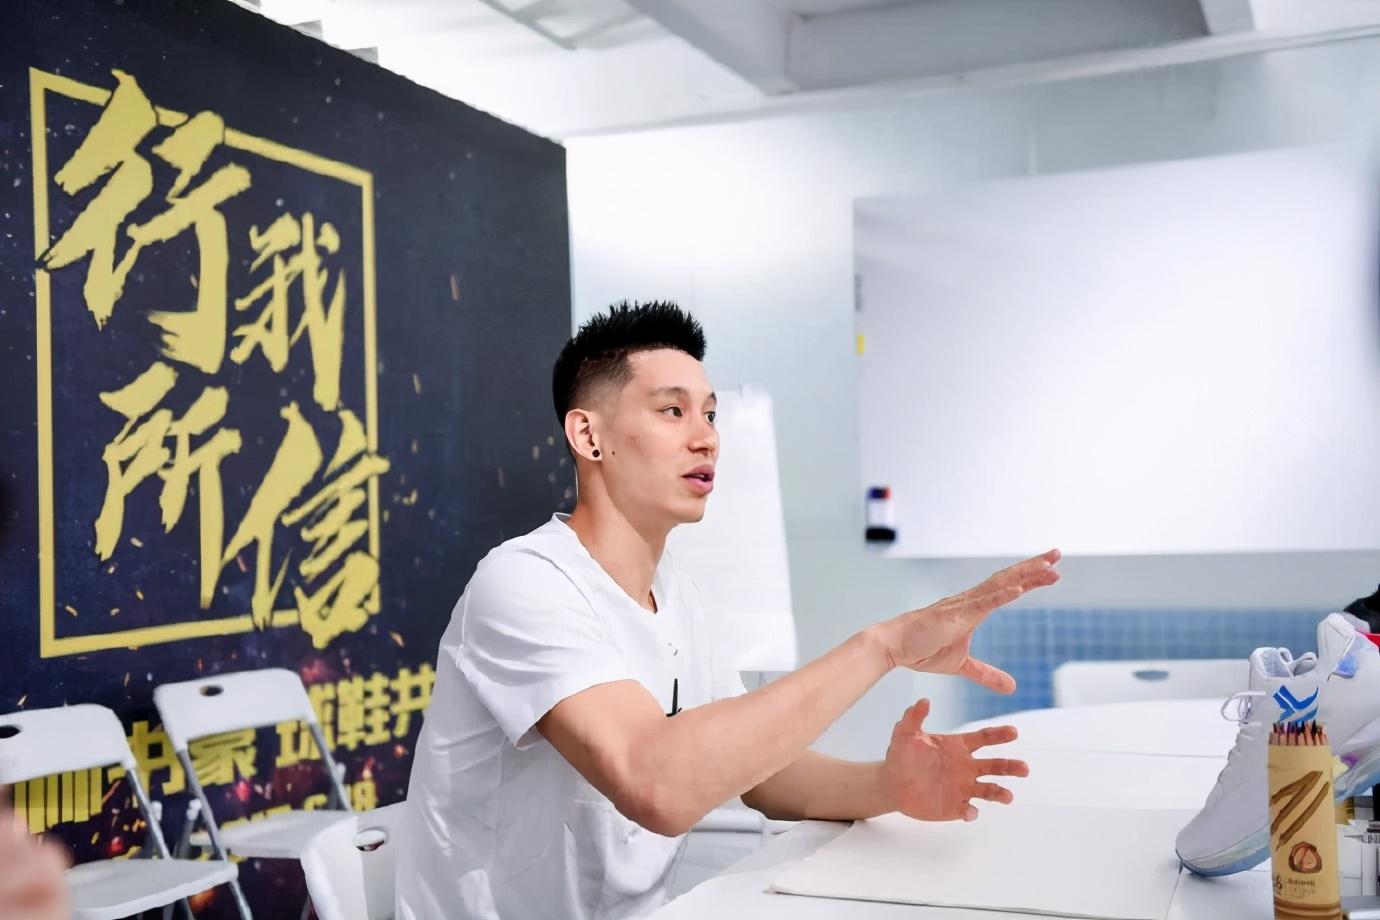 書豪訓練秀隔扣,24小時卻被CBA追罰55萬,中國籃球現鬧劇